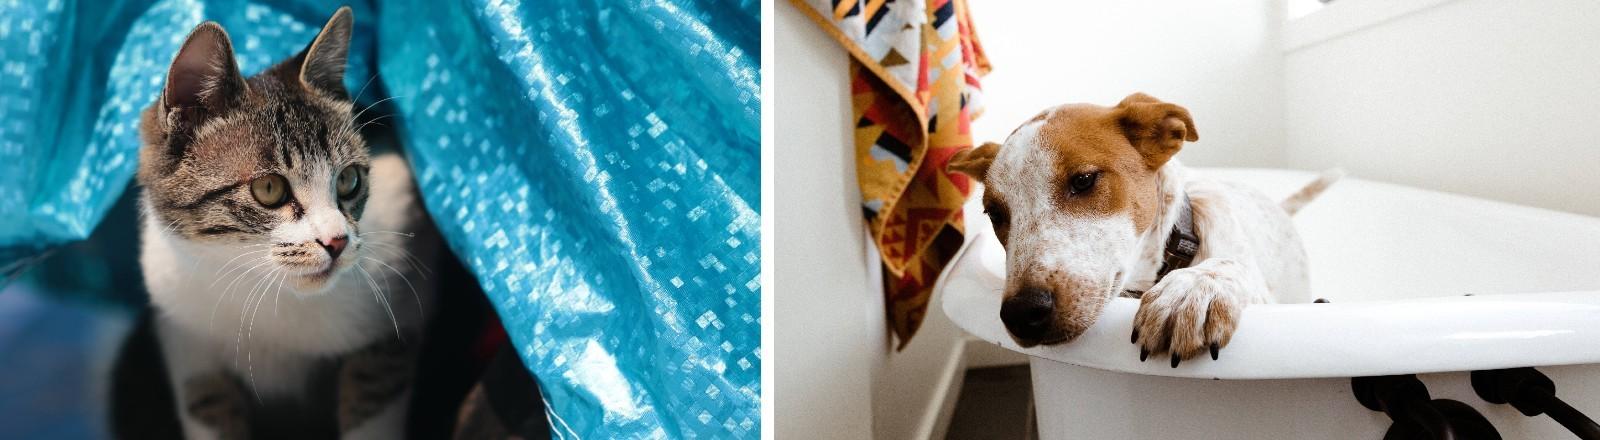 Eine Katze unter einer Folie und ein Hund in einer Badewanne.